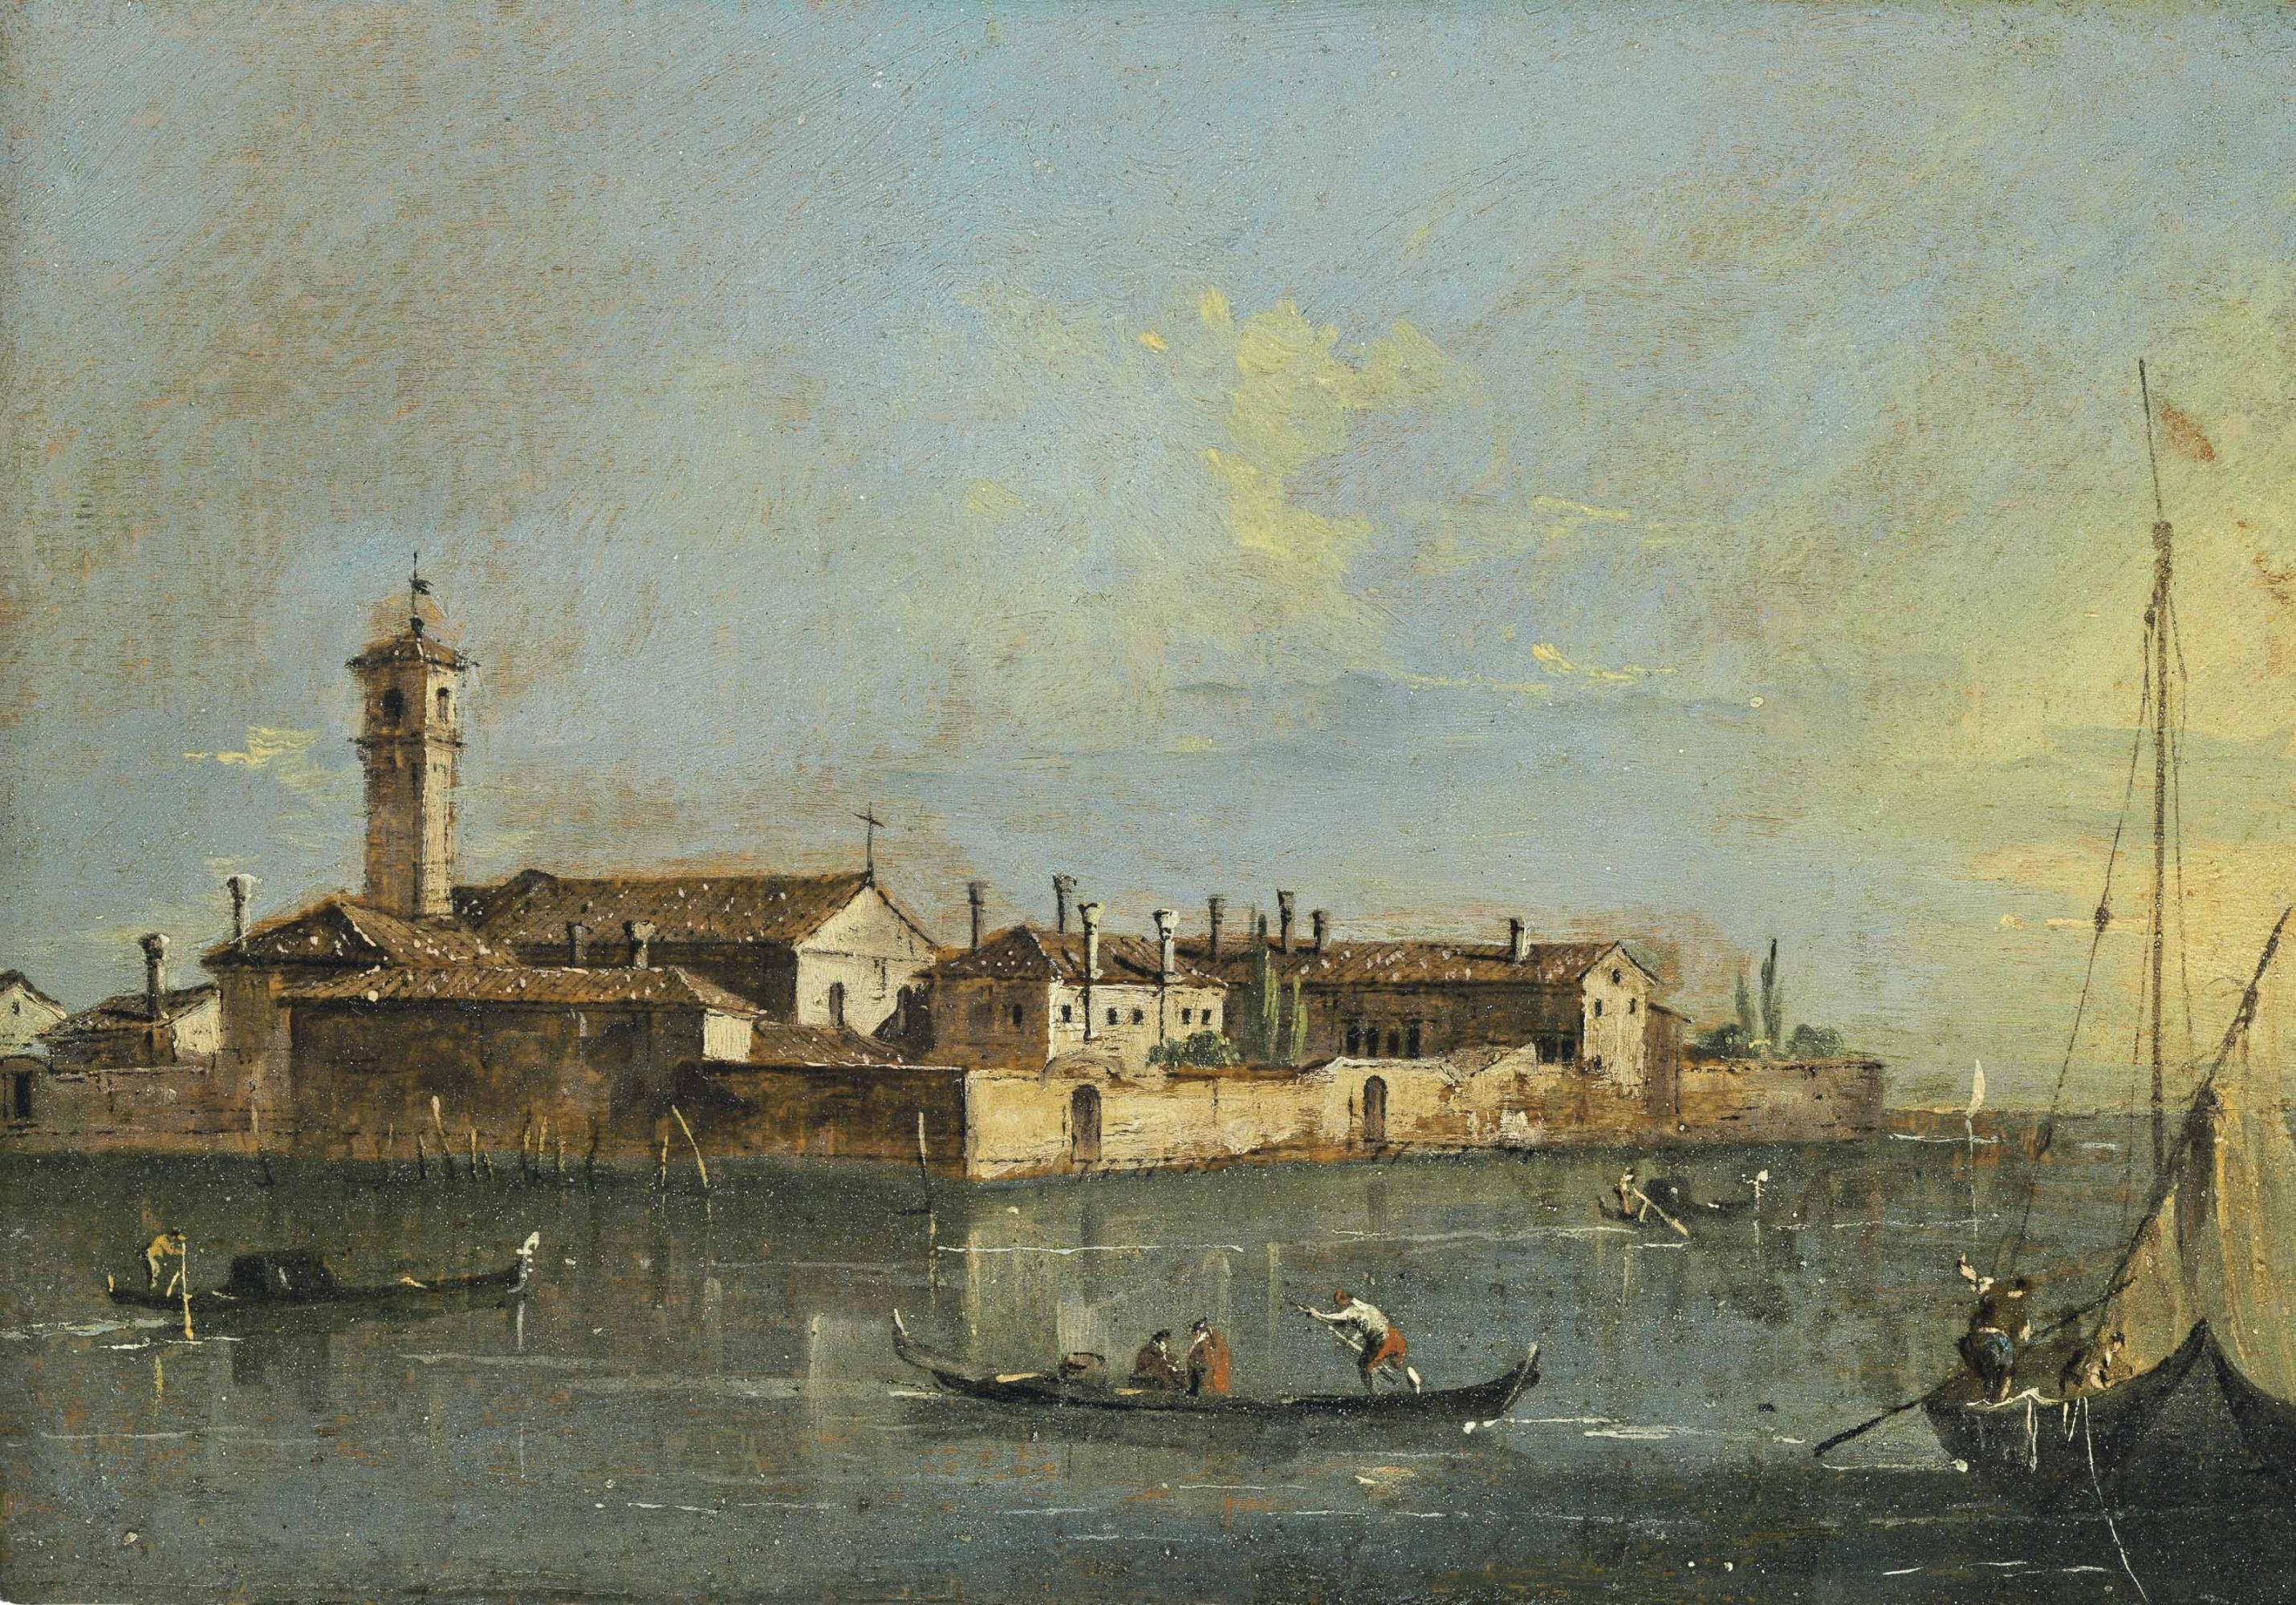 Island of Lazzaretto in Venice